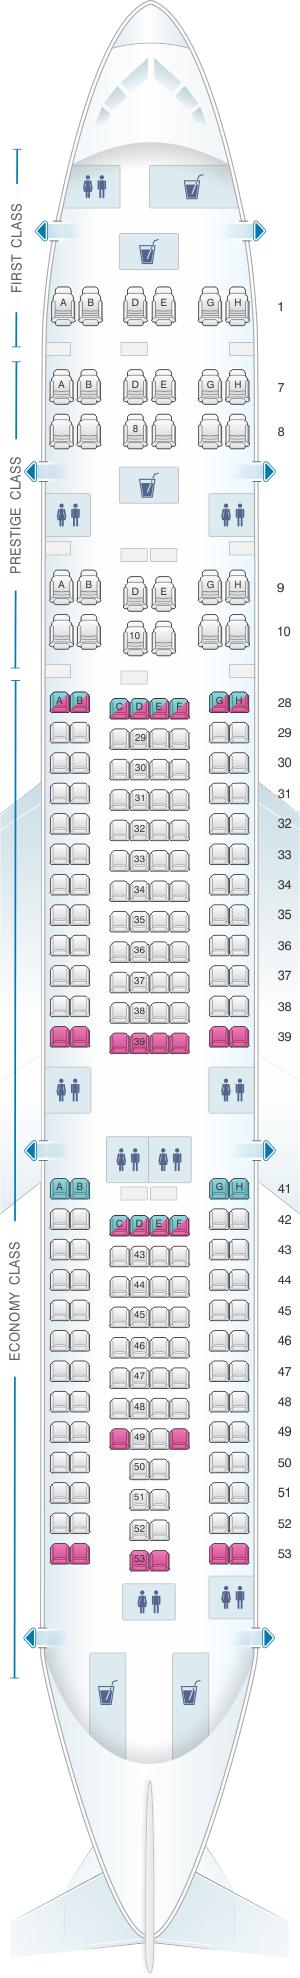 Seat map for Korean Air Airbus A330 200 218PAX